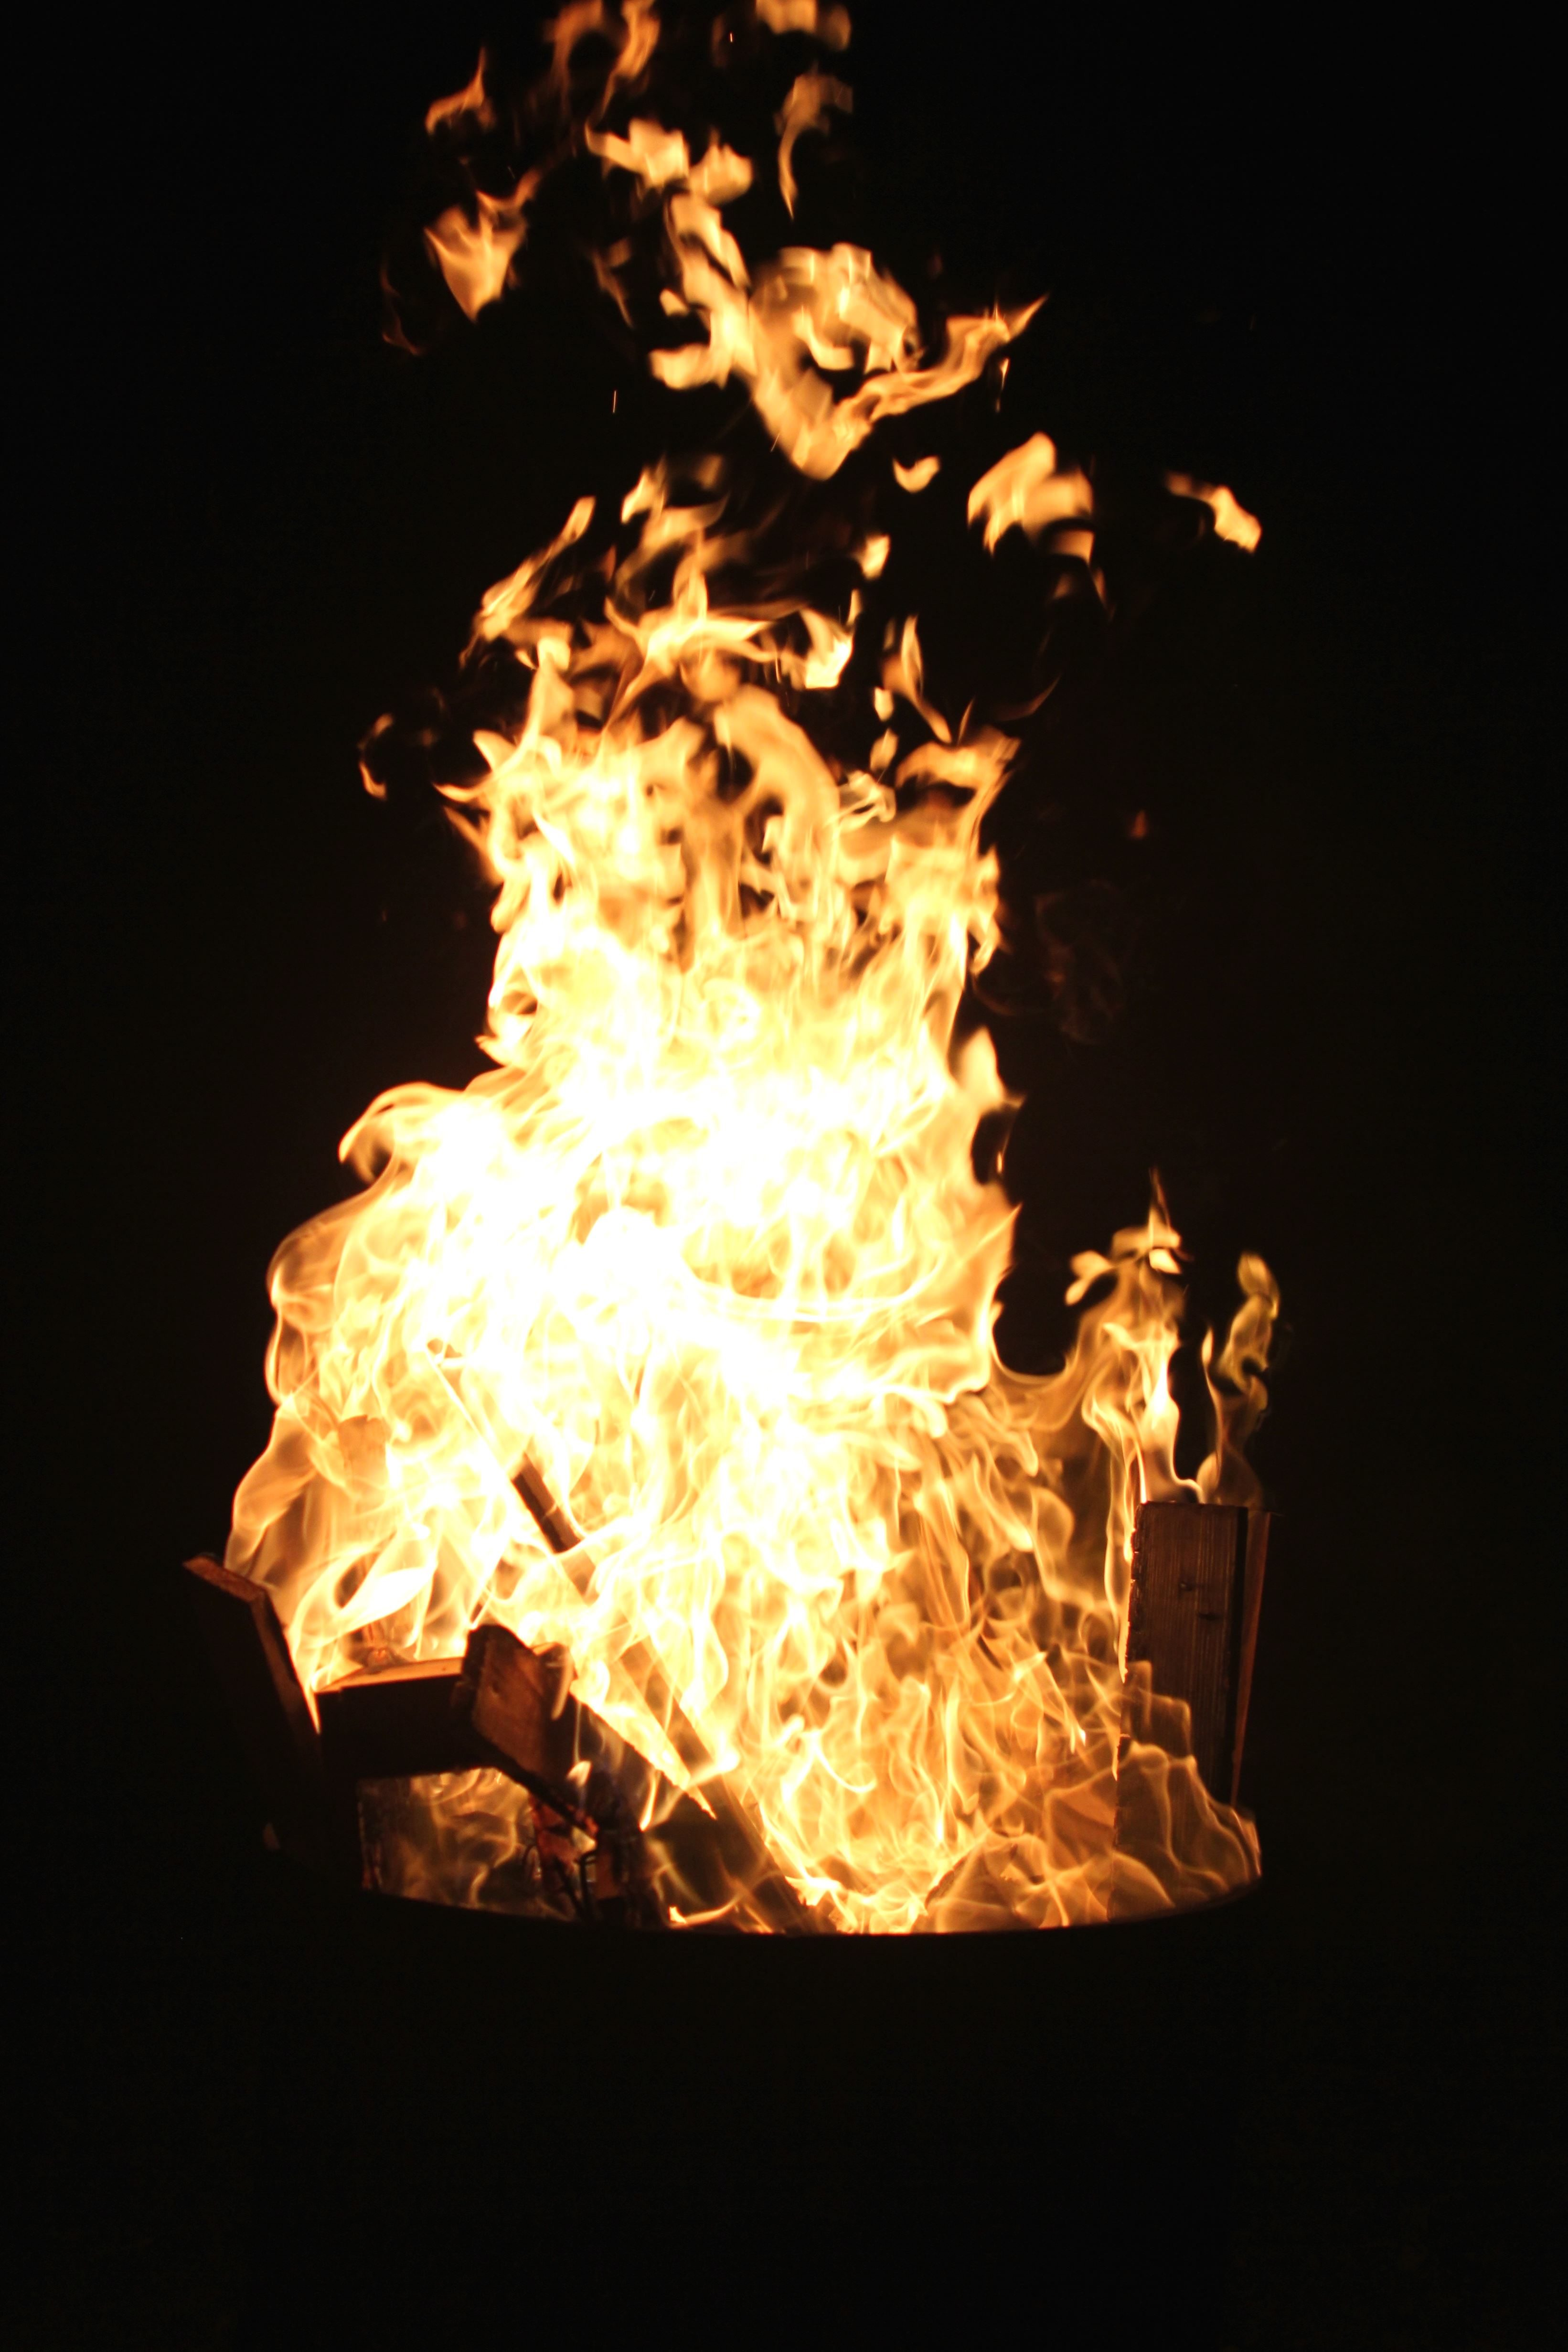 Image libre bois de chauffage, flammes, chaleur, chaud  ~ Pollution Feu De Bois